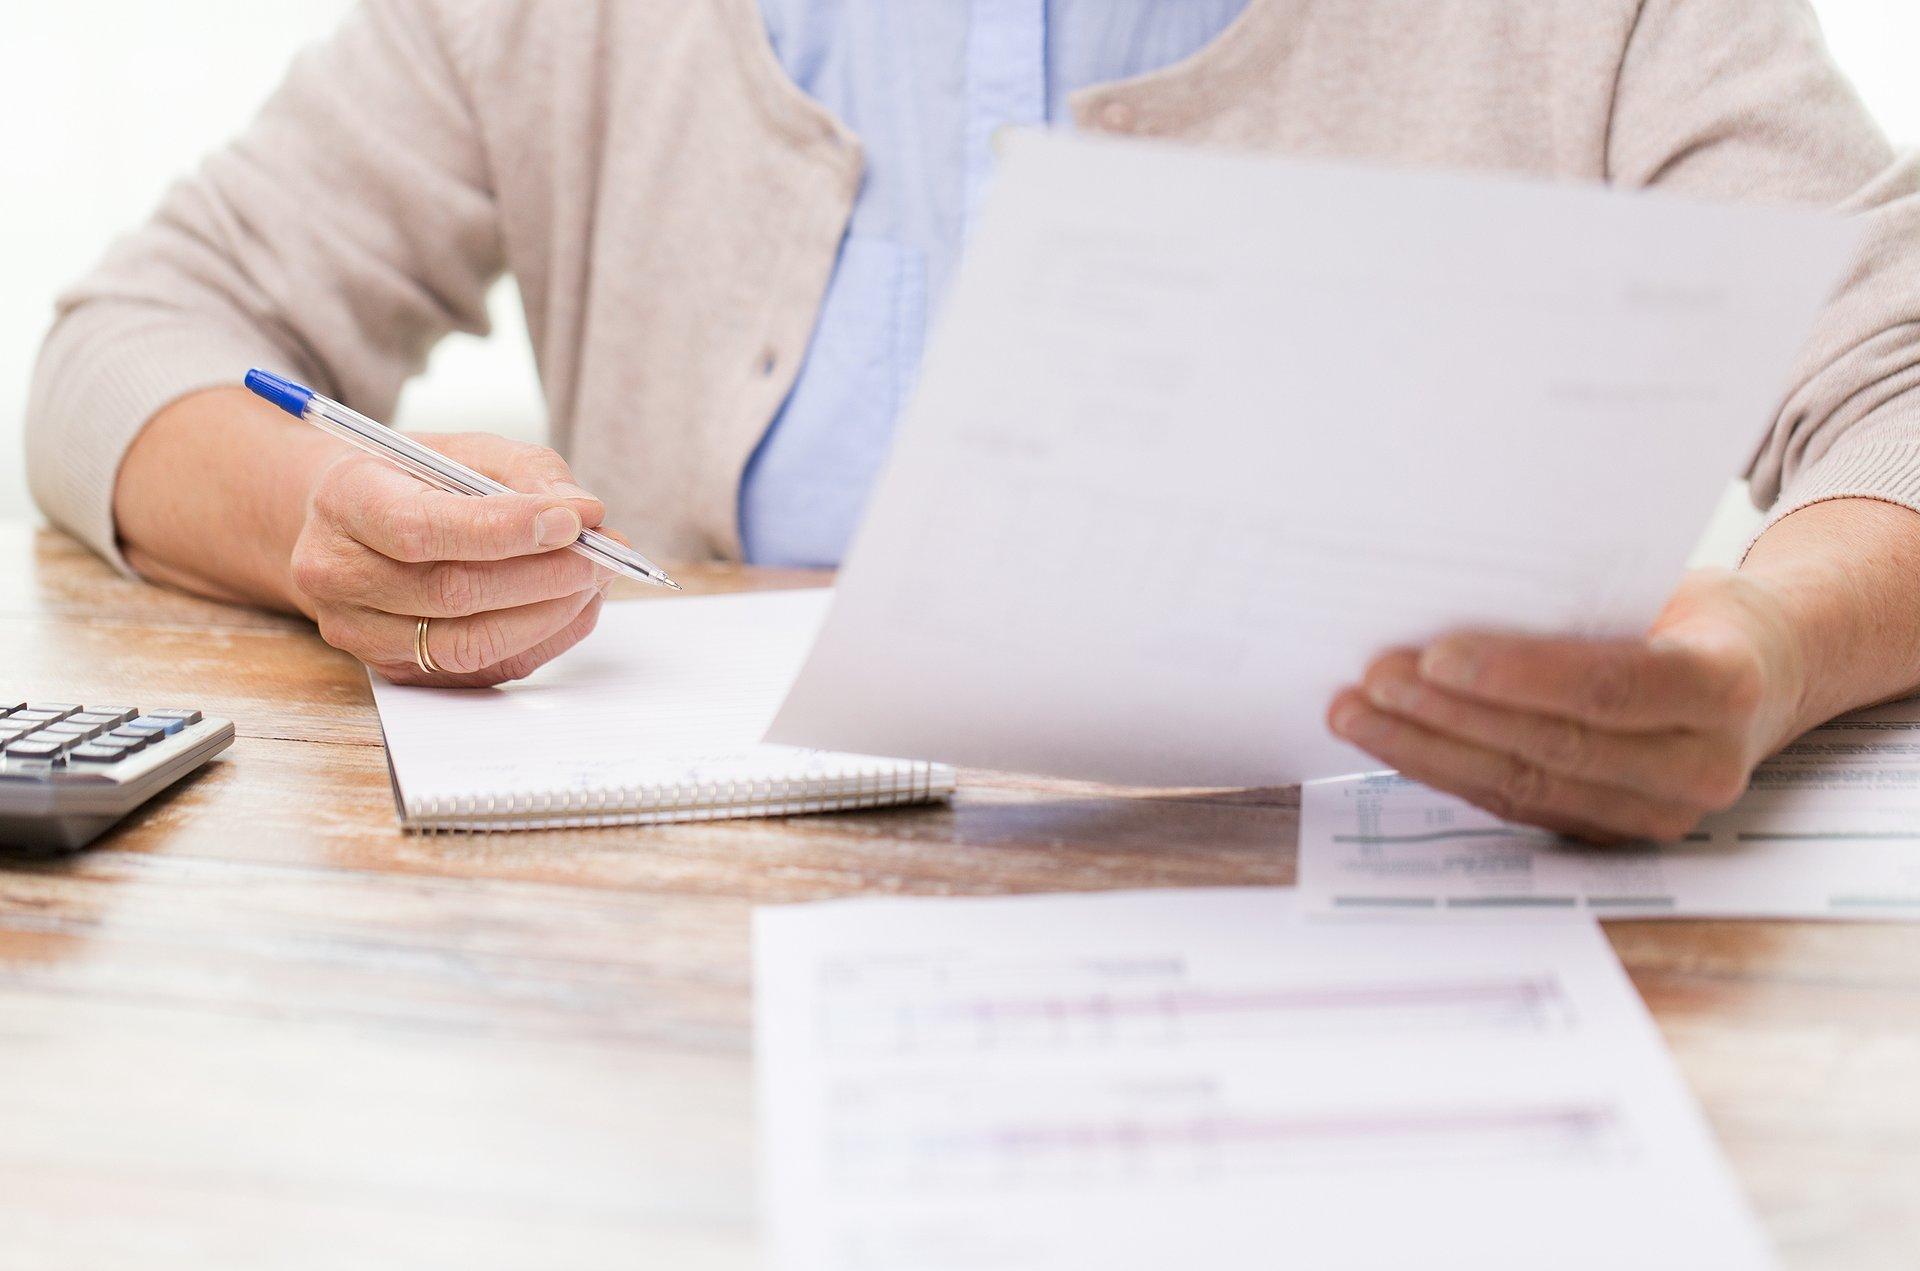 Przepisy podatkowe w 2021 roku. Jakie zmiany obowiązują aptekarzy?